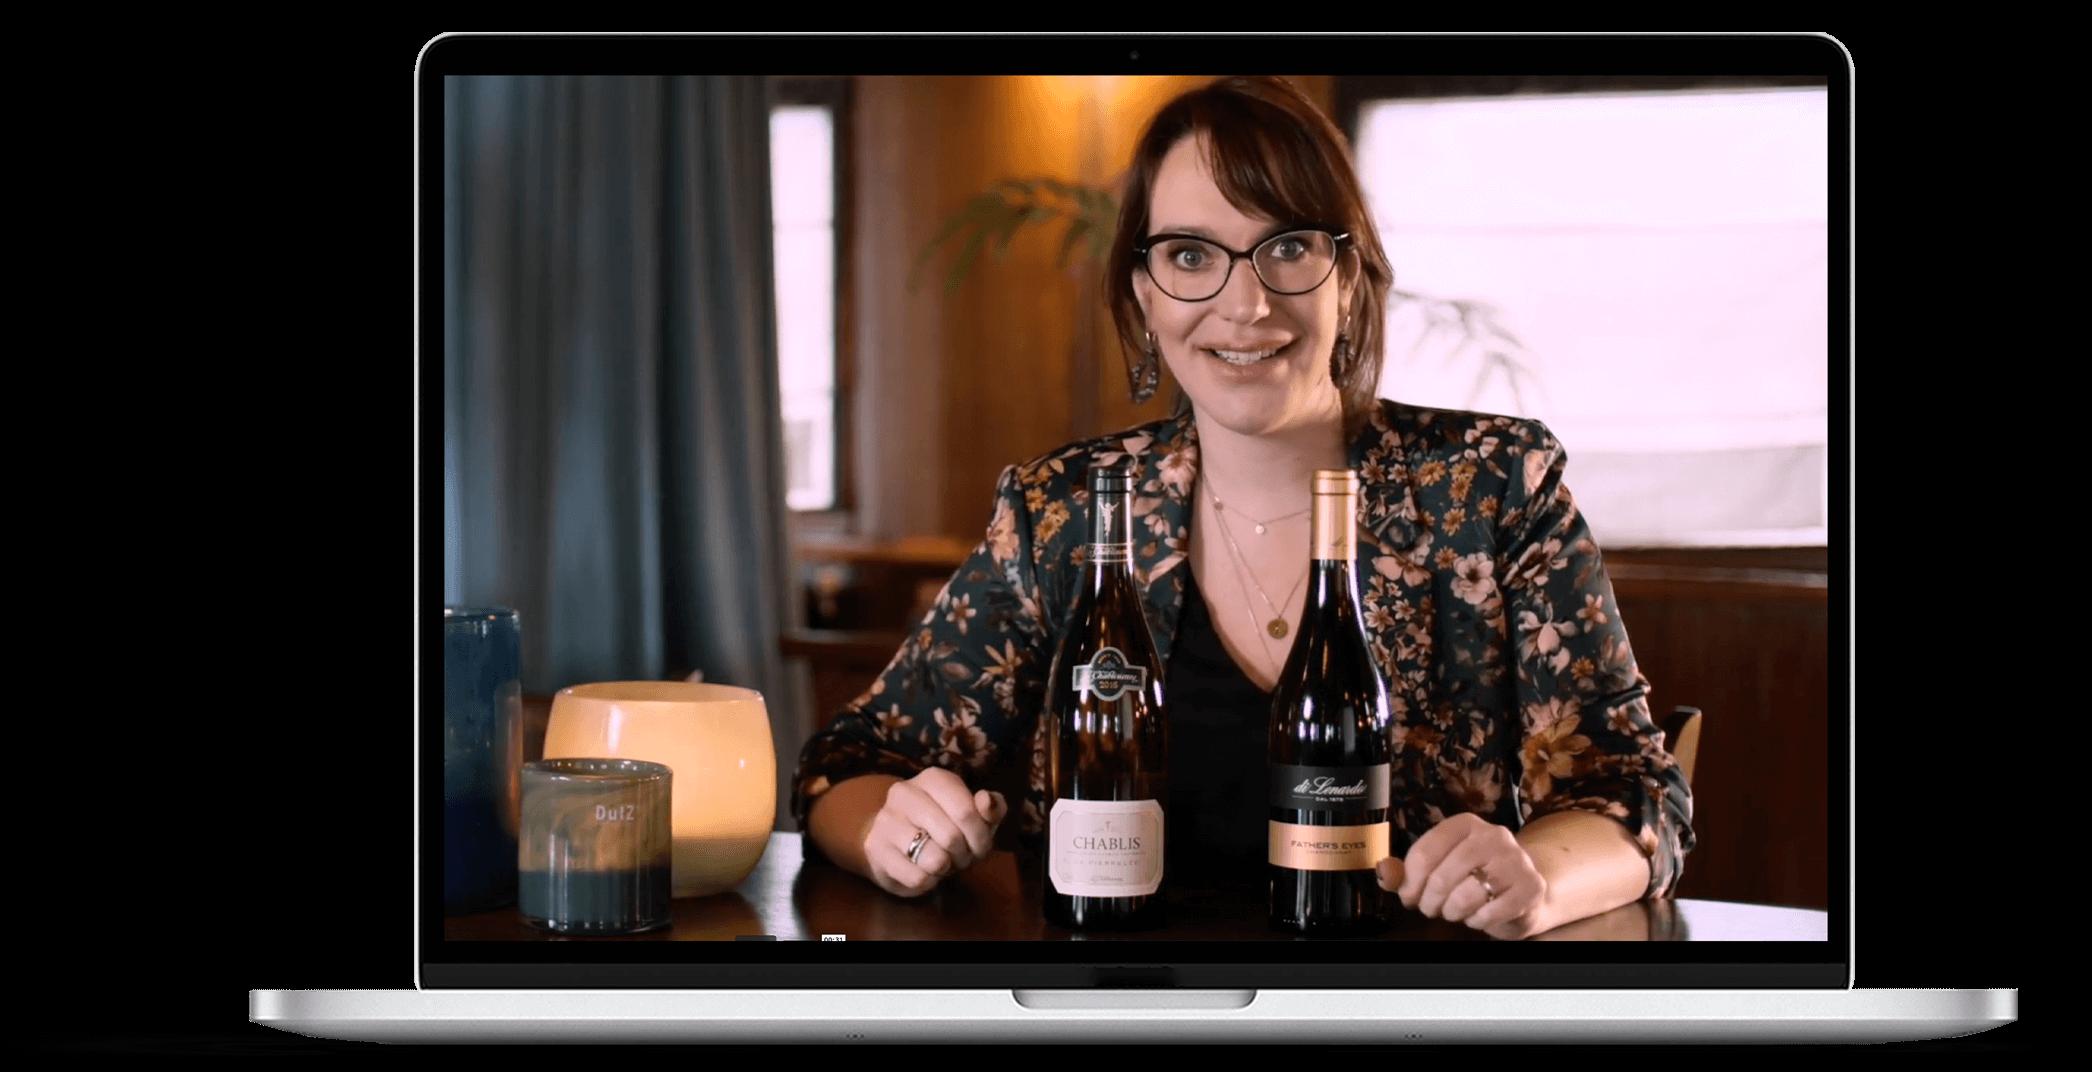 Online wijncursus om vol zelfvertrouwen wijn te kiezen, vinonista